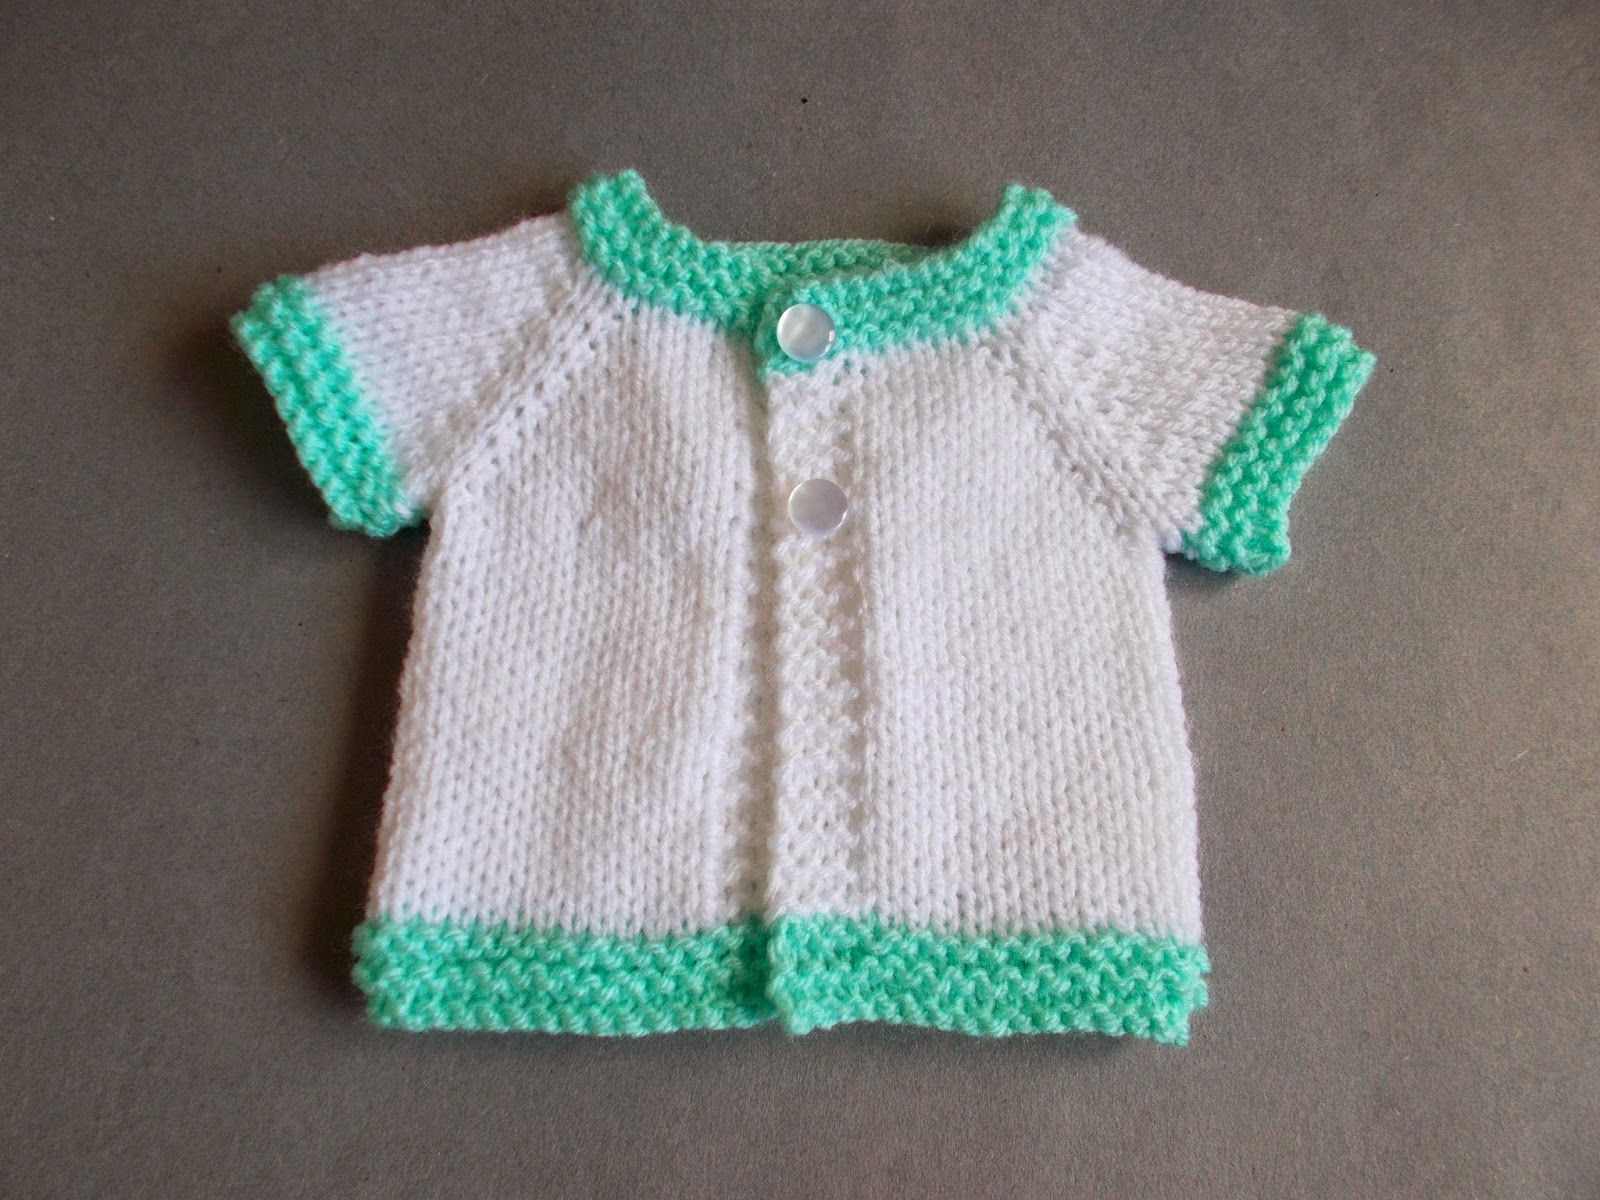 marianna\'s lazy daisy days: Topaz - Premature Baby Cardi   marianna ...